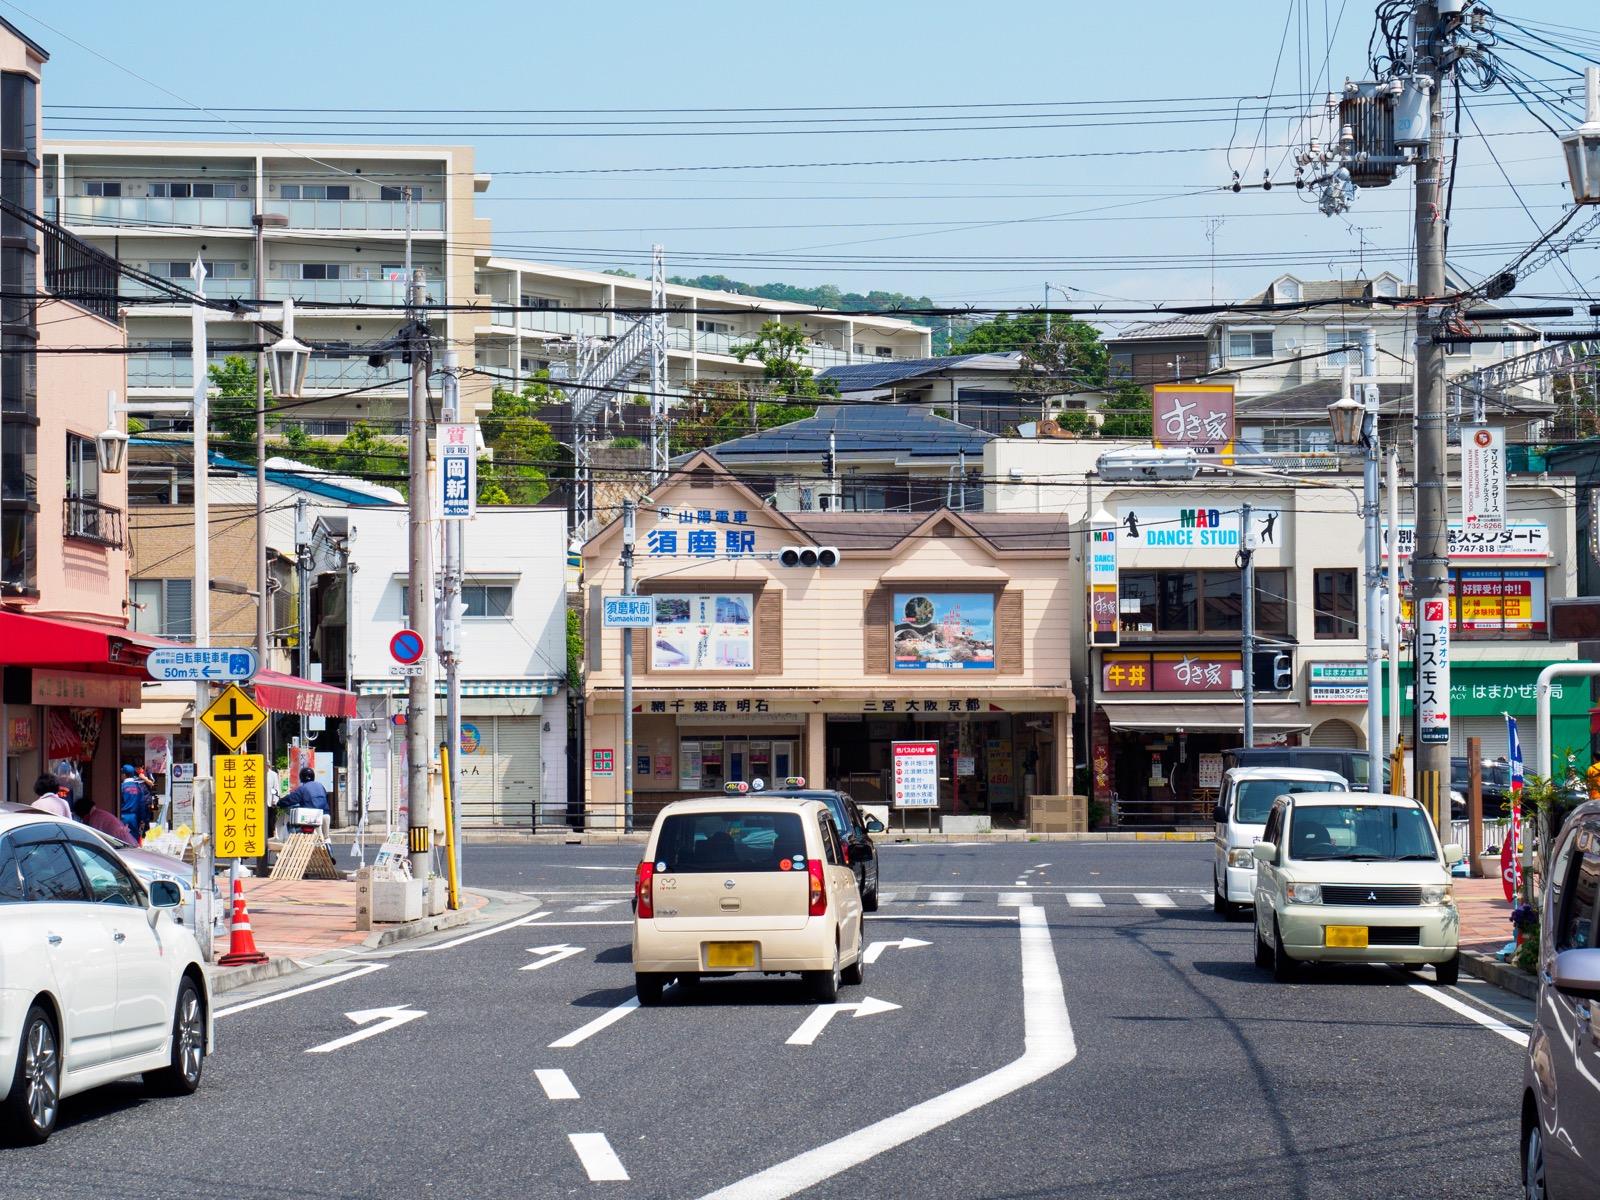 須磨駅前から見た山陽須磨駅